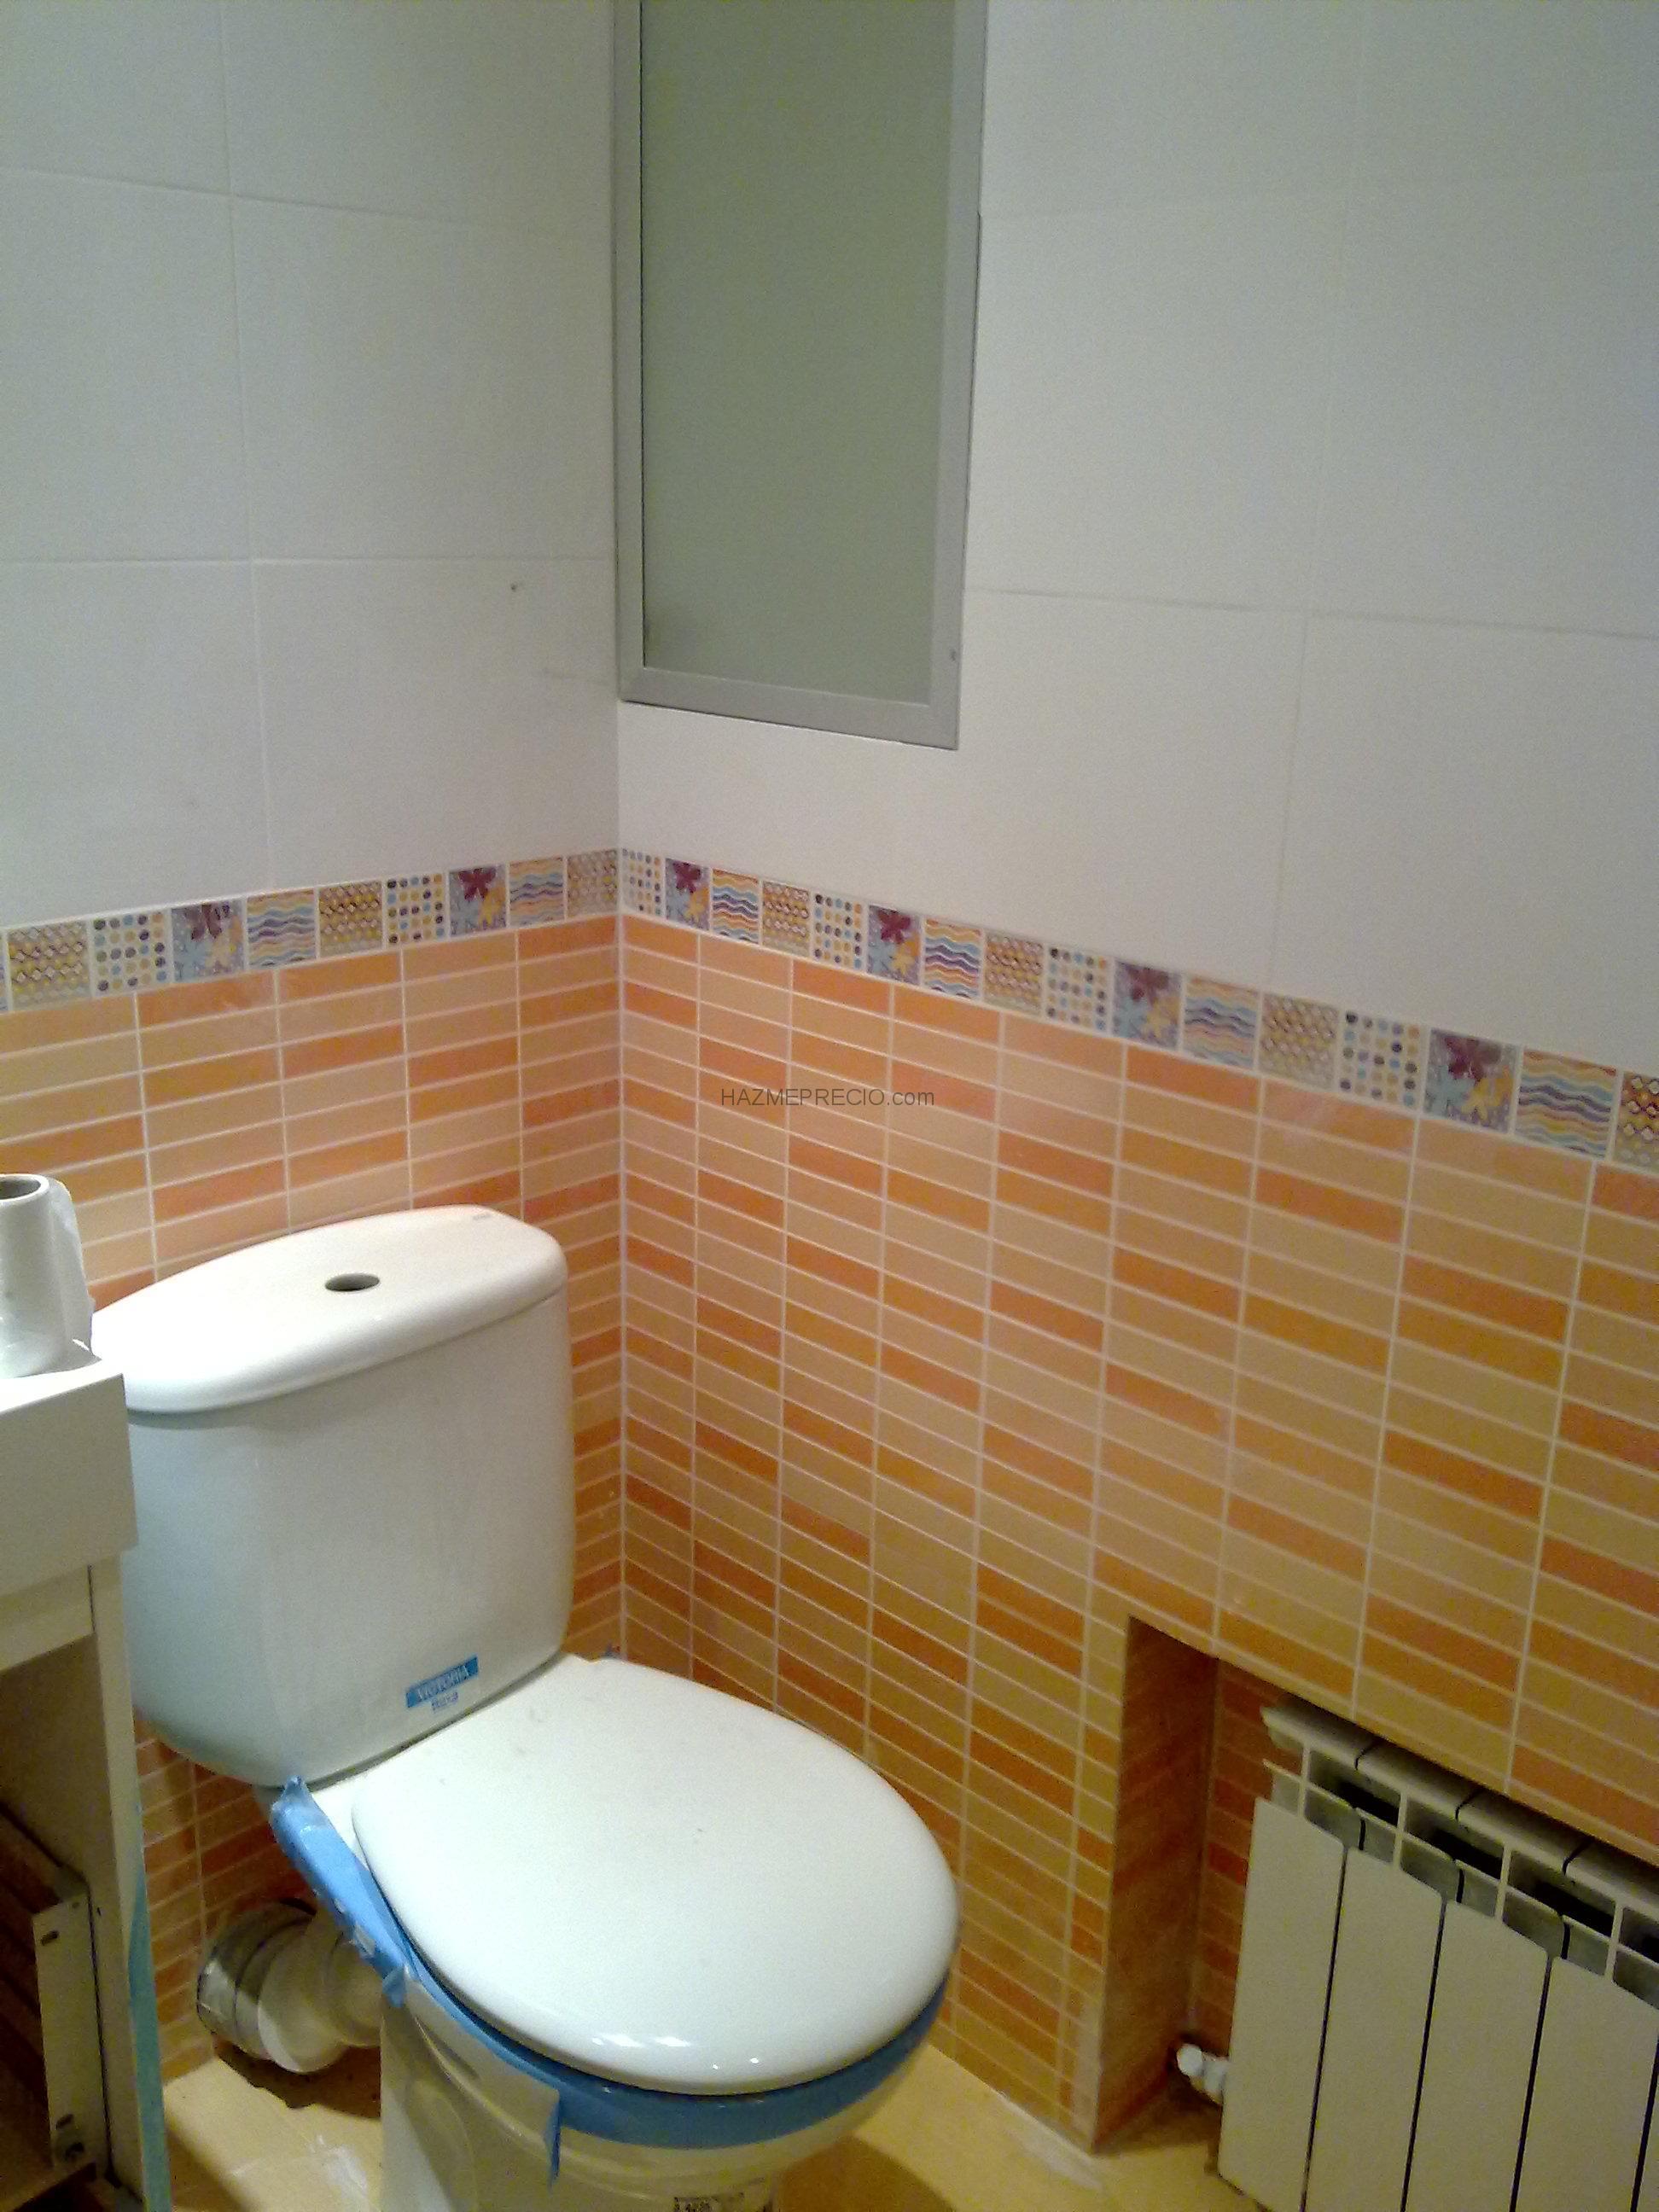 Presupuesto para pintar y acuchillar piso madrid for Presupuesto pintar piso 100m2